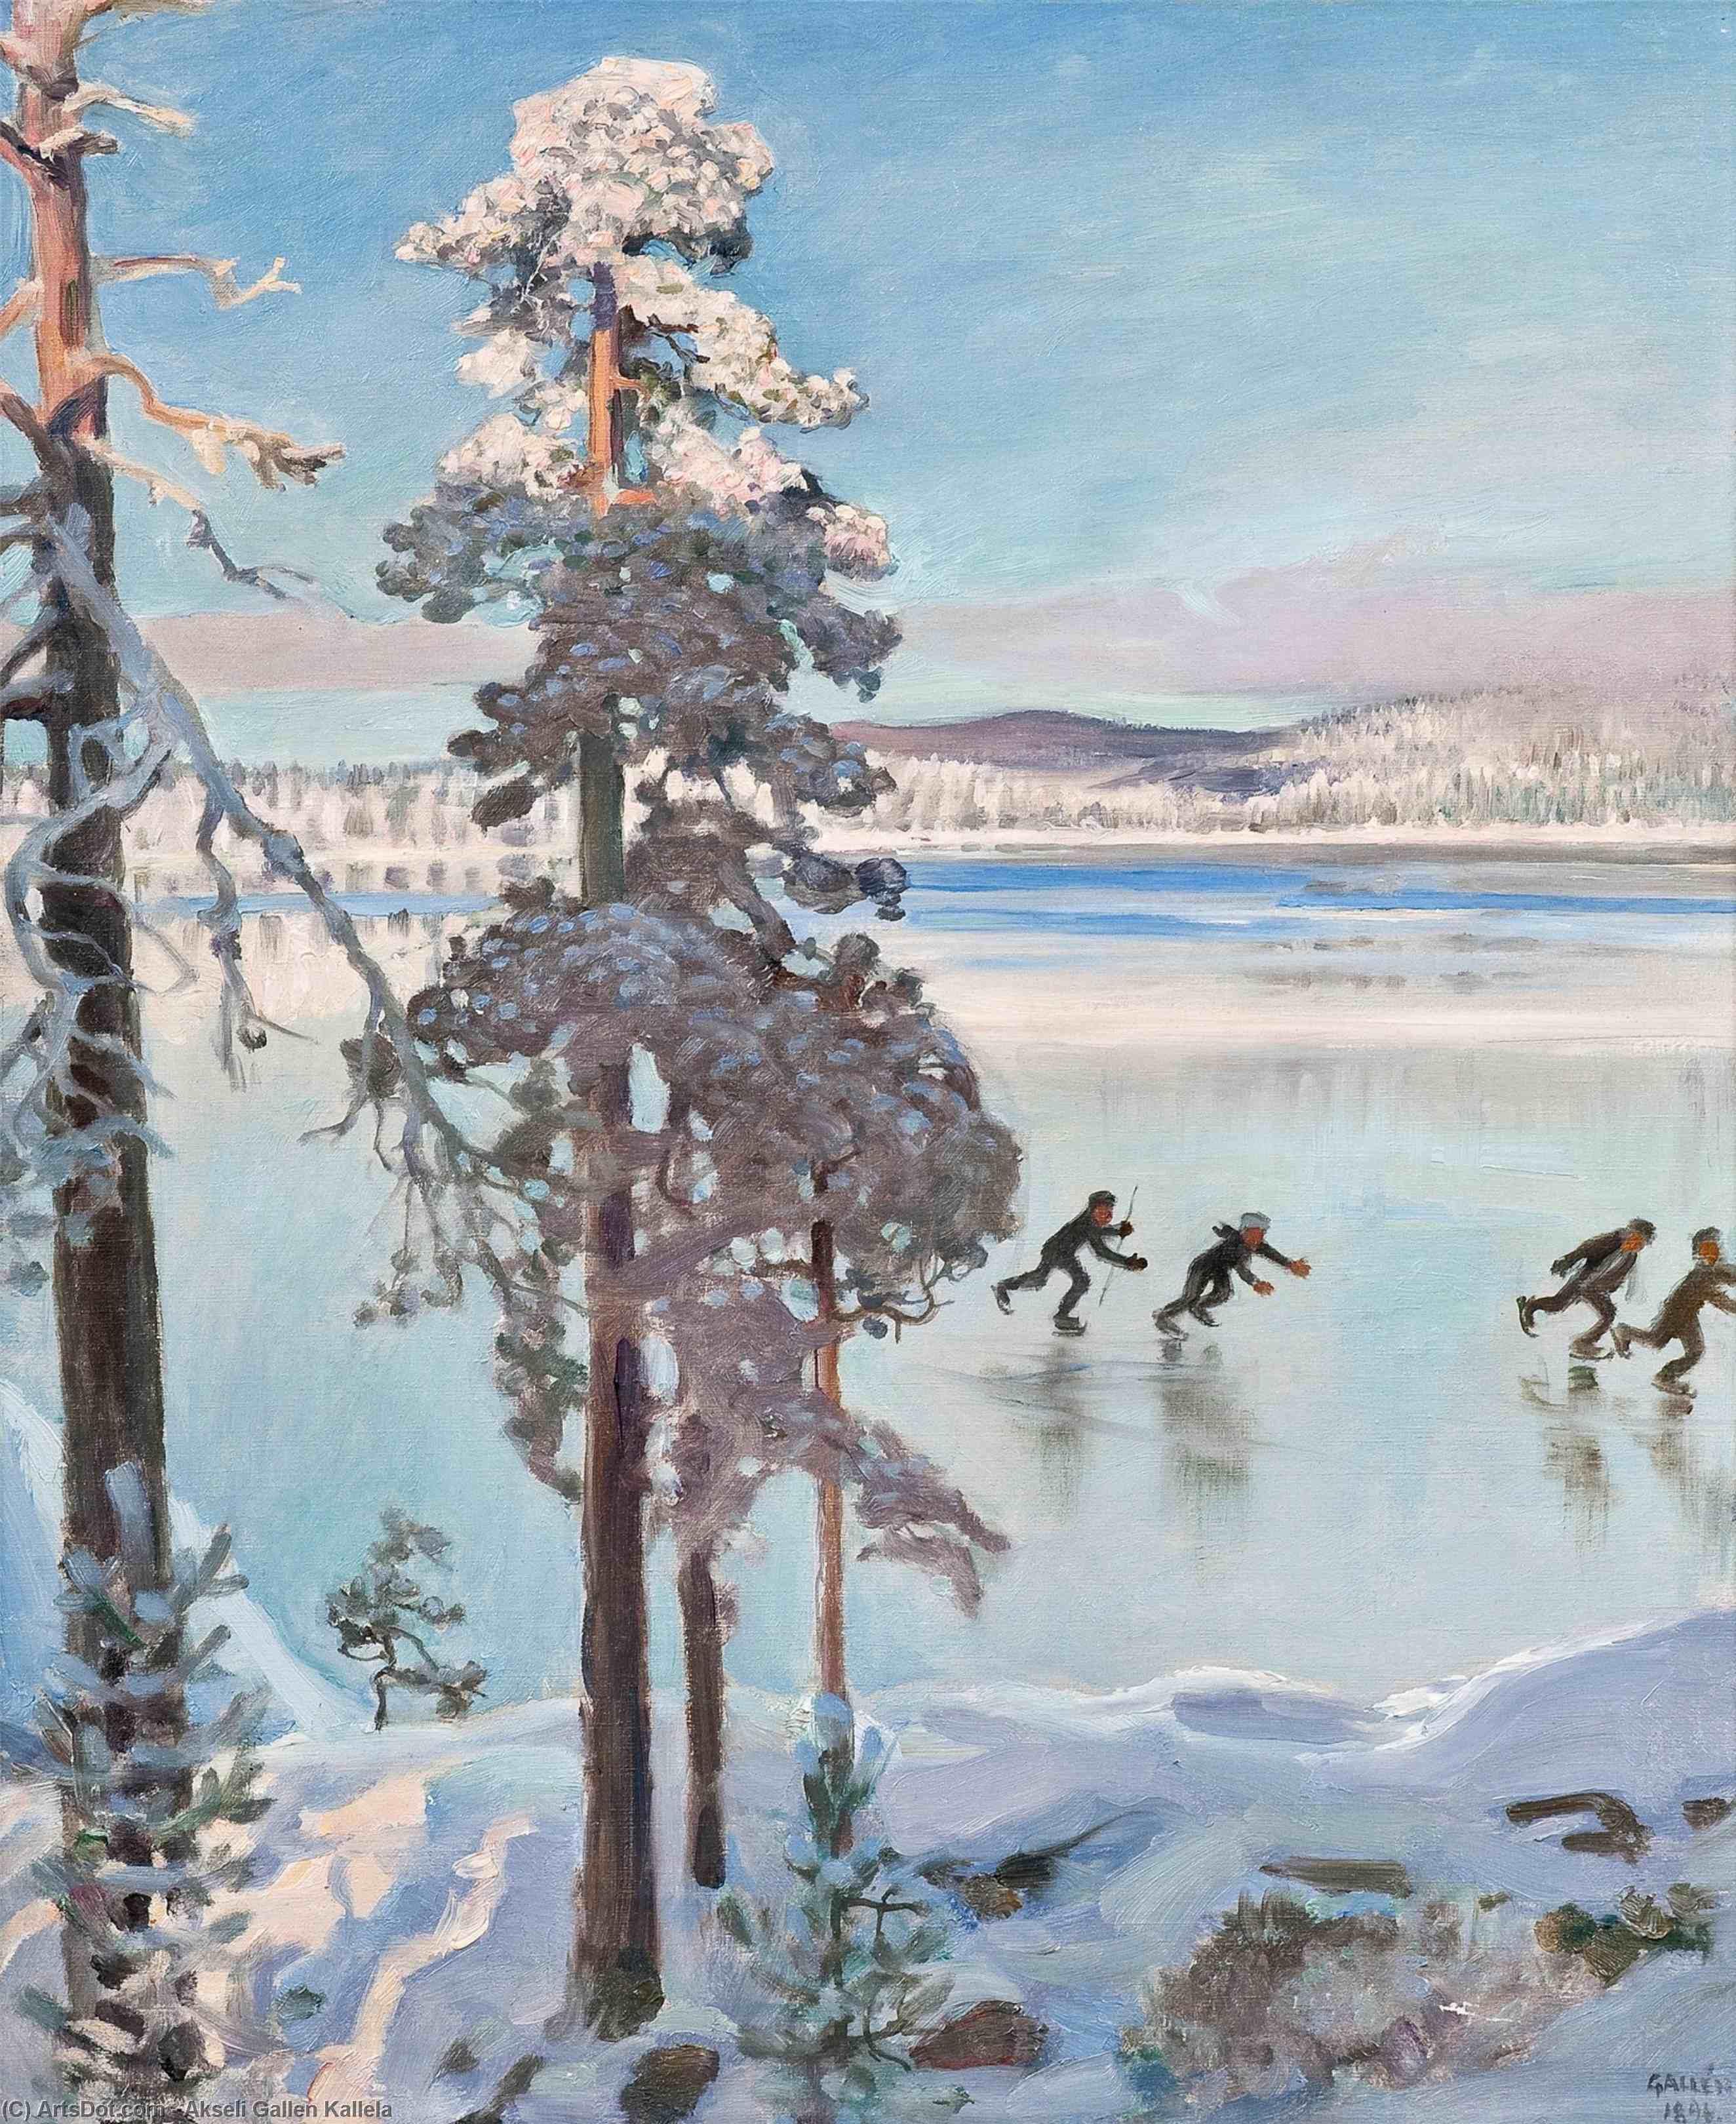 WikiOO.org - Encyclopedia of Fine Arts - Lukisan, Artwork Akseli Gallen Kallela - Skaters near the Shore of Kalela